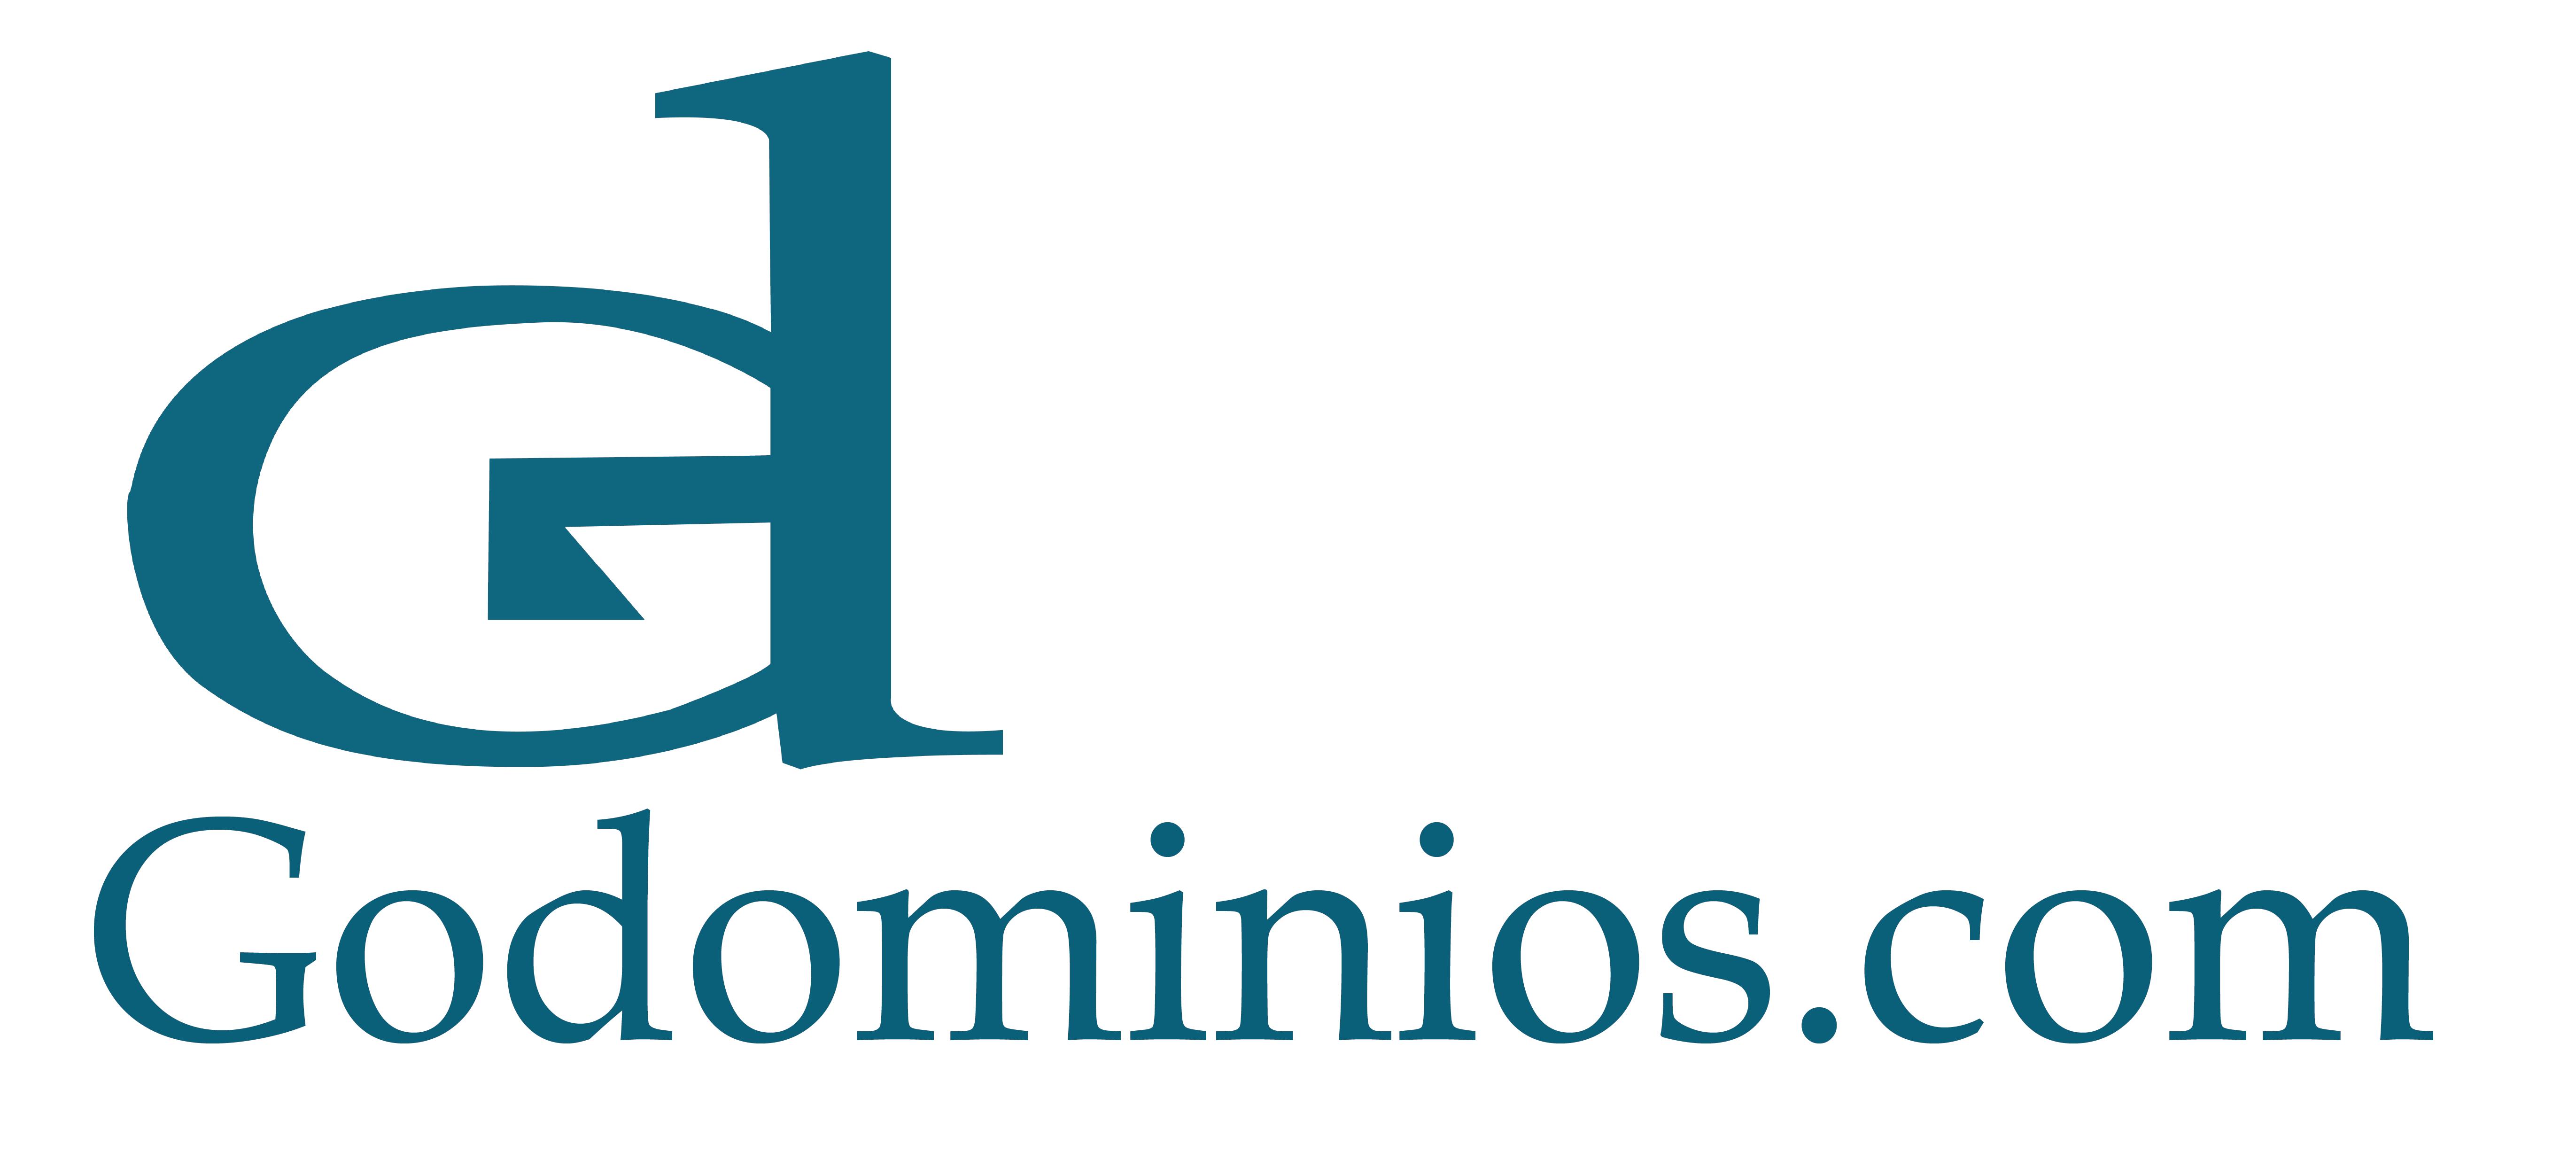 GOdominios.com